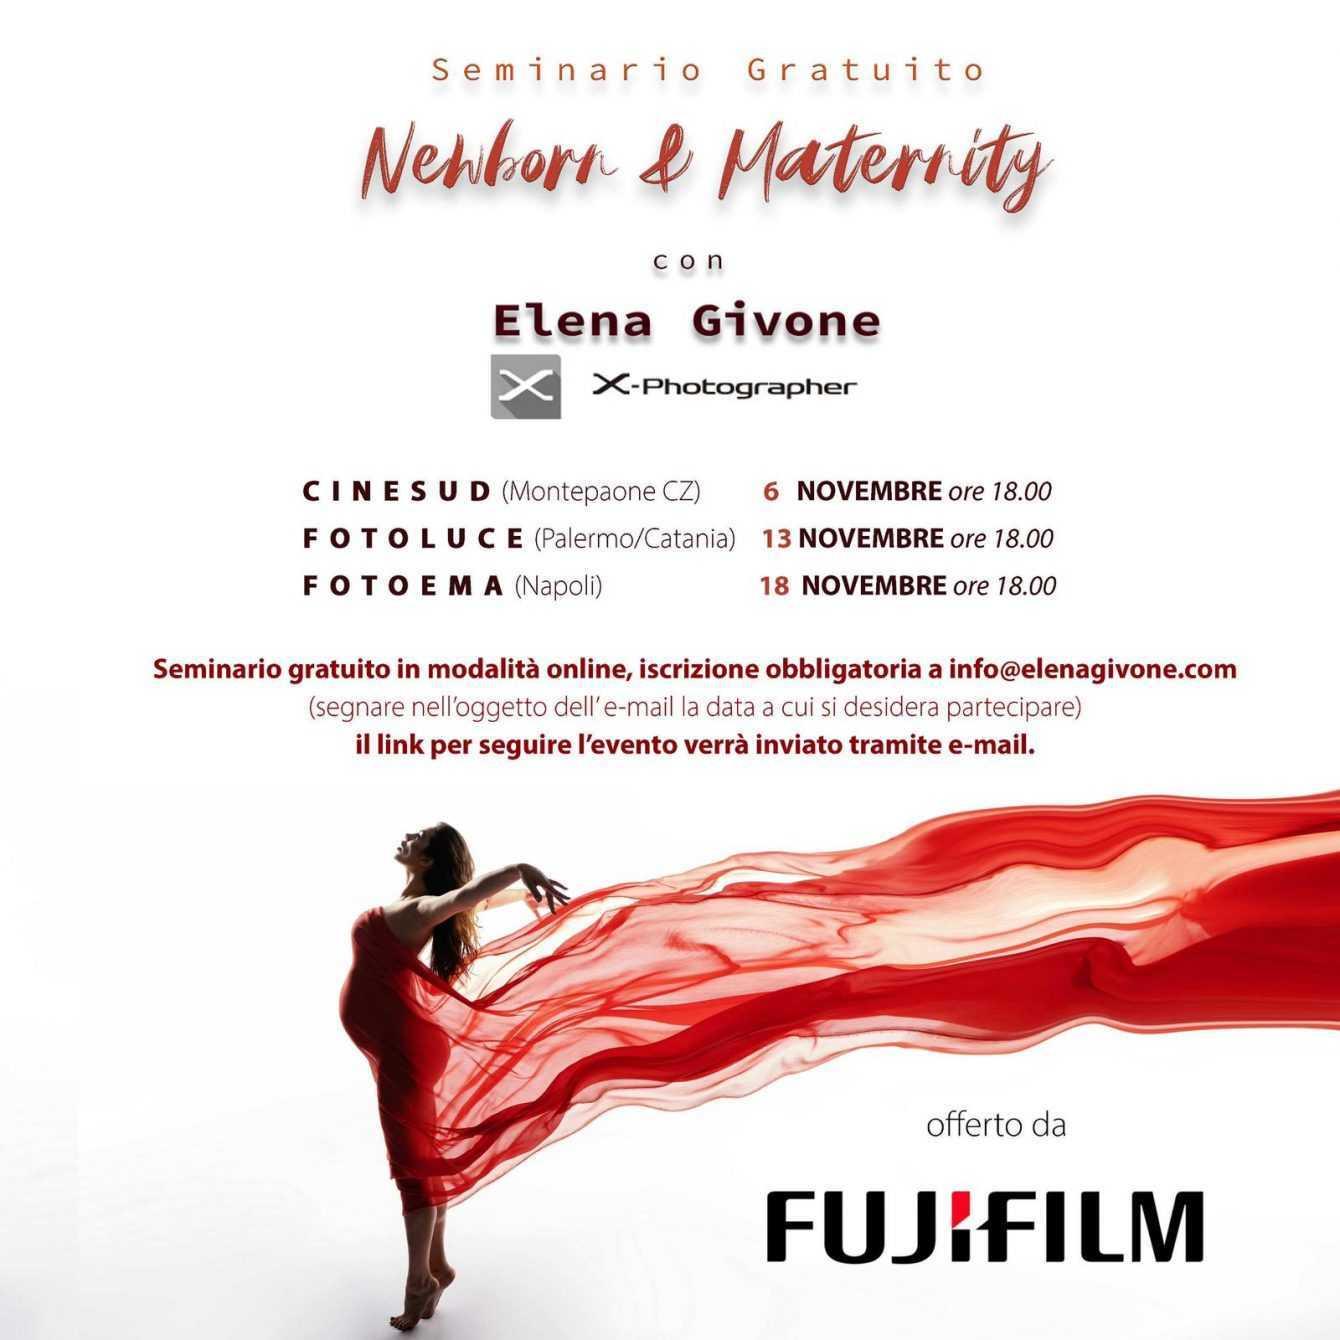 FUJIFILM: seminari online gratuiti con Elena Givone